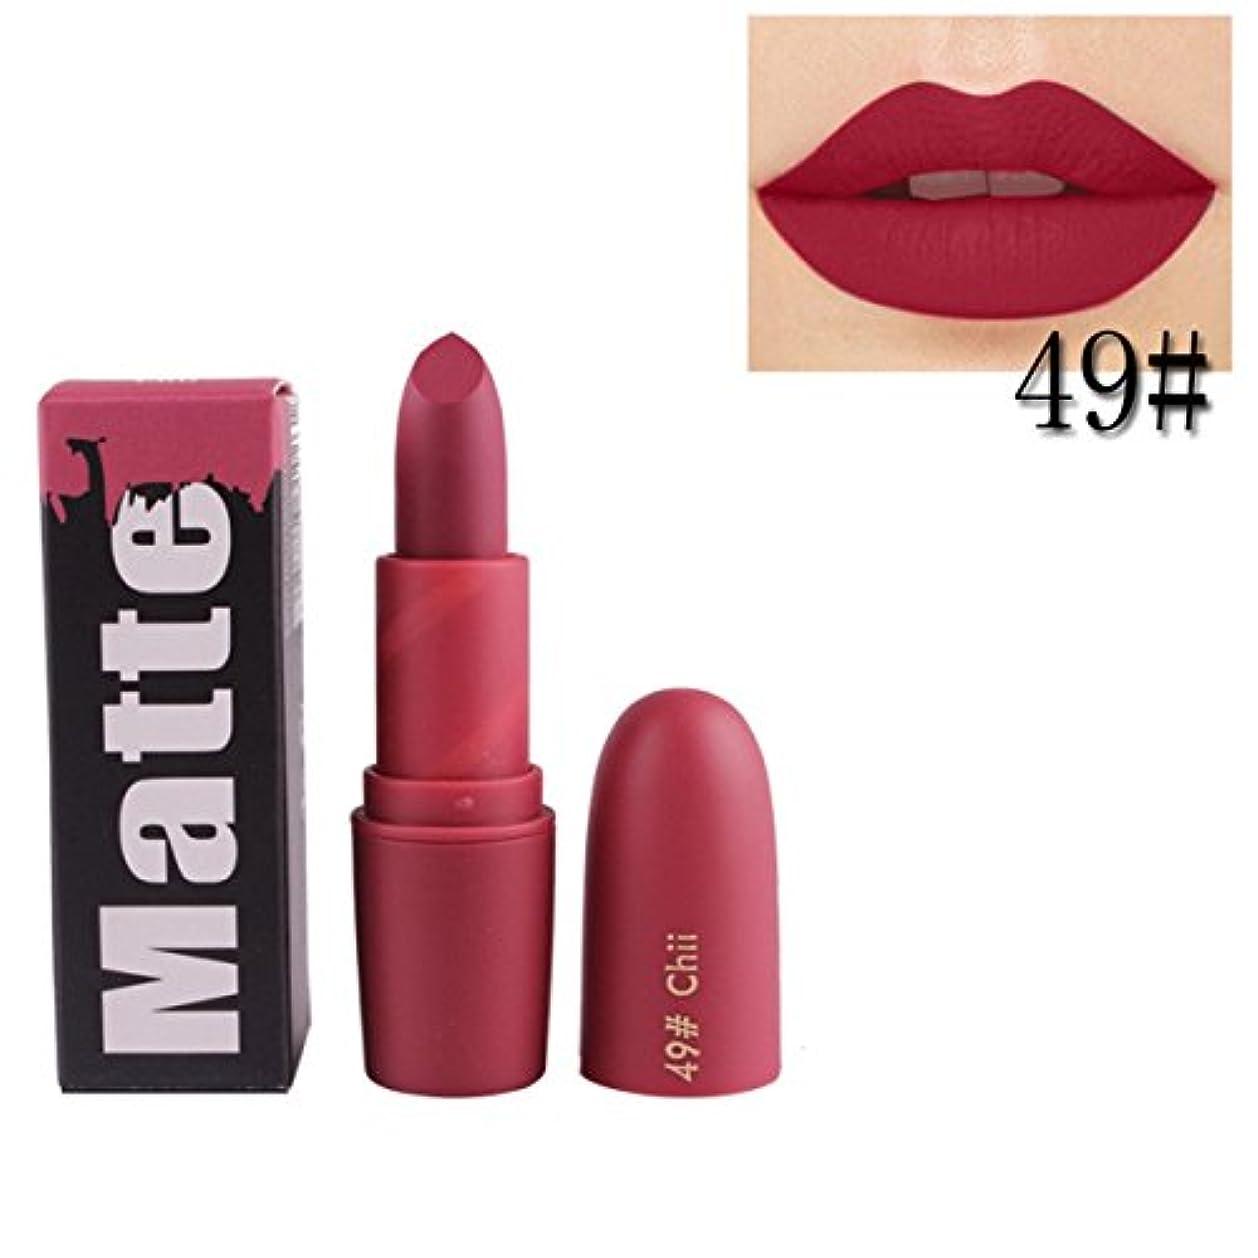 非常にに沿ってくるみ女性口紅 BOBOGOJP 欧米風 ミストマット リップグロス 18色選択 保湿 持続性 魅力的 リップリップスティック モイスチャライジング リップスティックメイク 恋する唇 おすすめリップスティック (M)